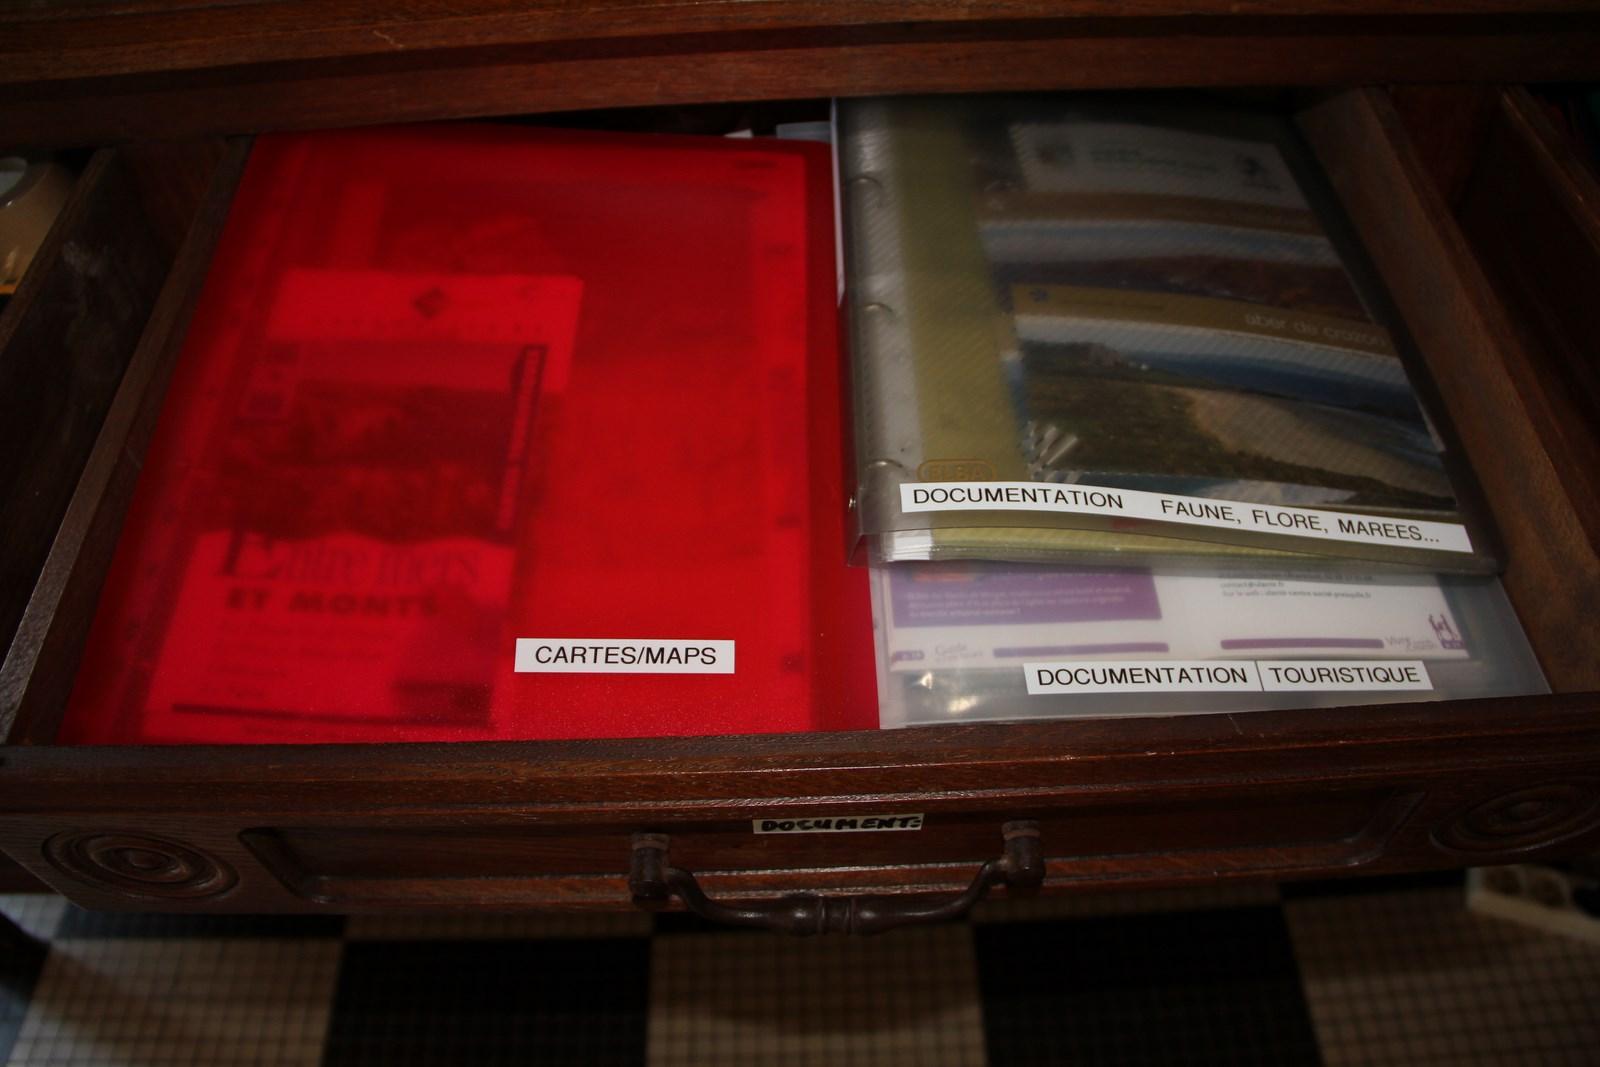 Le tiroir de la documentation